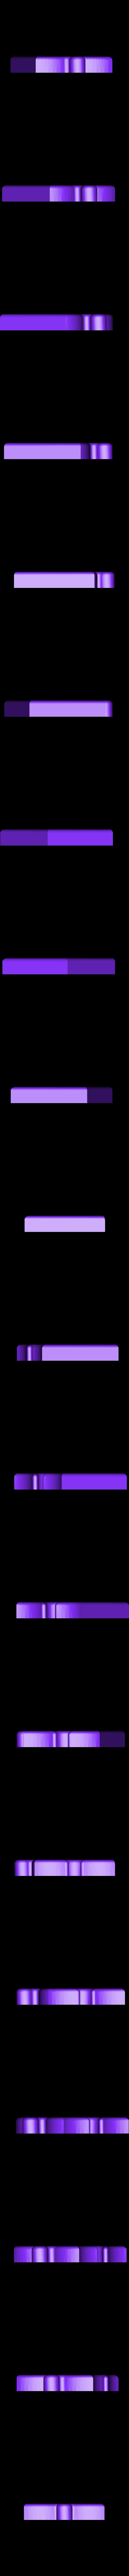 Cell_Puzzle_Top-Left.STL Télécharger fichier STL gratuit Échecs démoctratiques • Modèle à imprimer en 3D, Ghashnarb